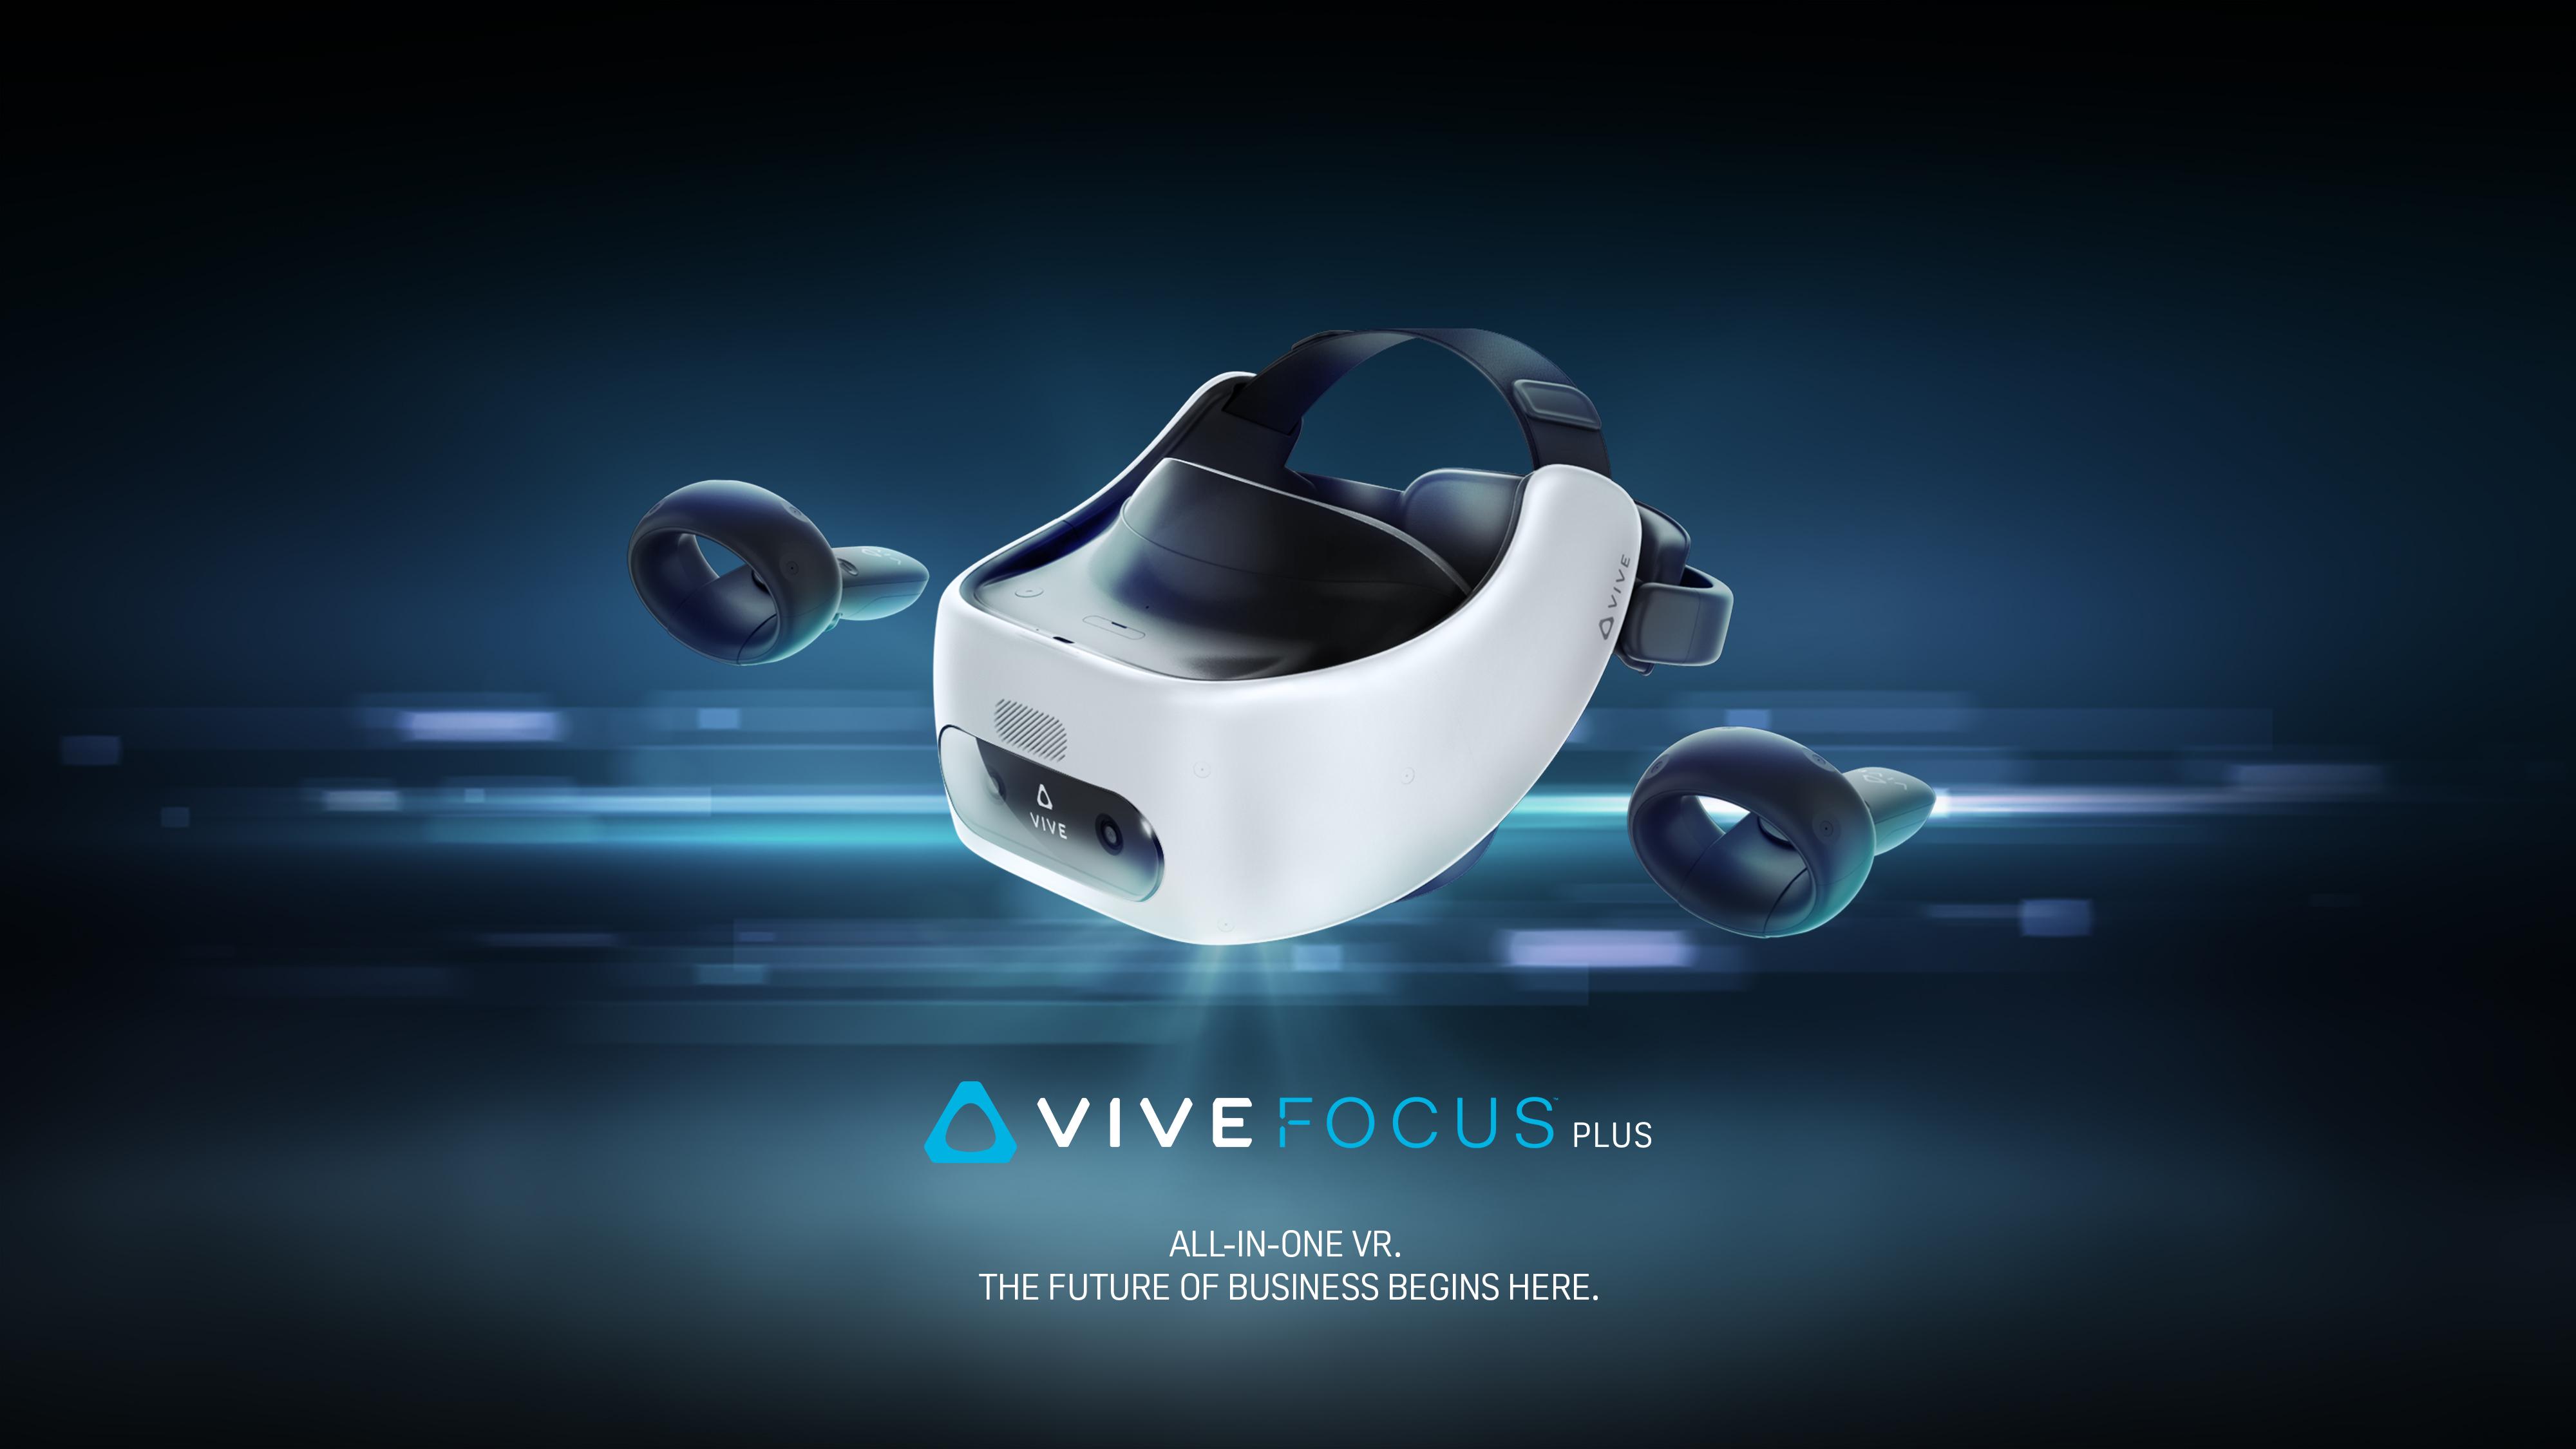 Introducing the VIVE Focus Plus for Premium Standalone VR